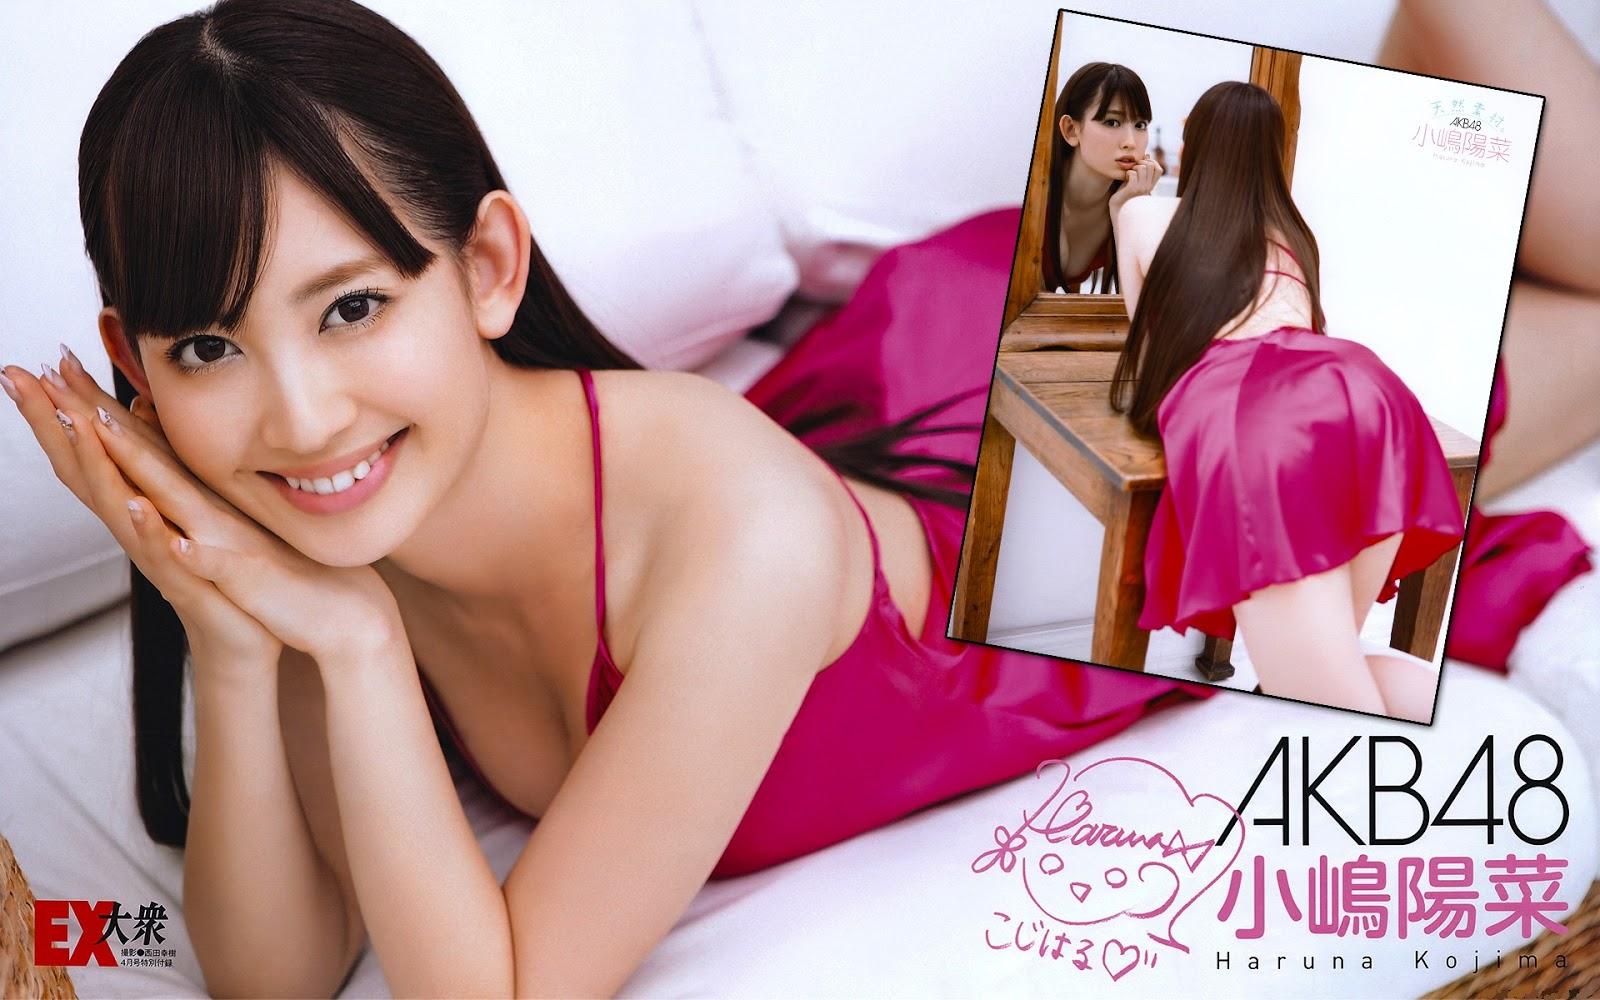 http://2.bp.blogspot.com/-xHR1BKR7eJs/UTGbz-FFuVI/AAAAAAAAe6s/fziYqKErWrc/s1600/AKB48-Kojima-Haruna-%E5%B0%8F%E5%B6%8B%E9%99%BD%E8%8F%9C-Wallpaper-HD-2.jpg